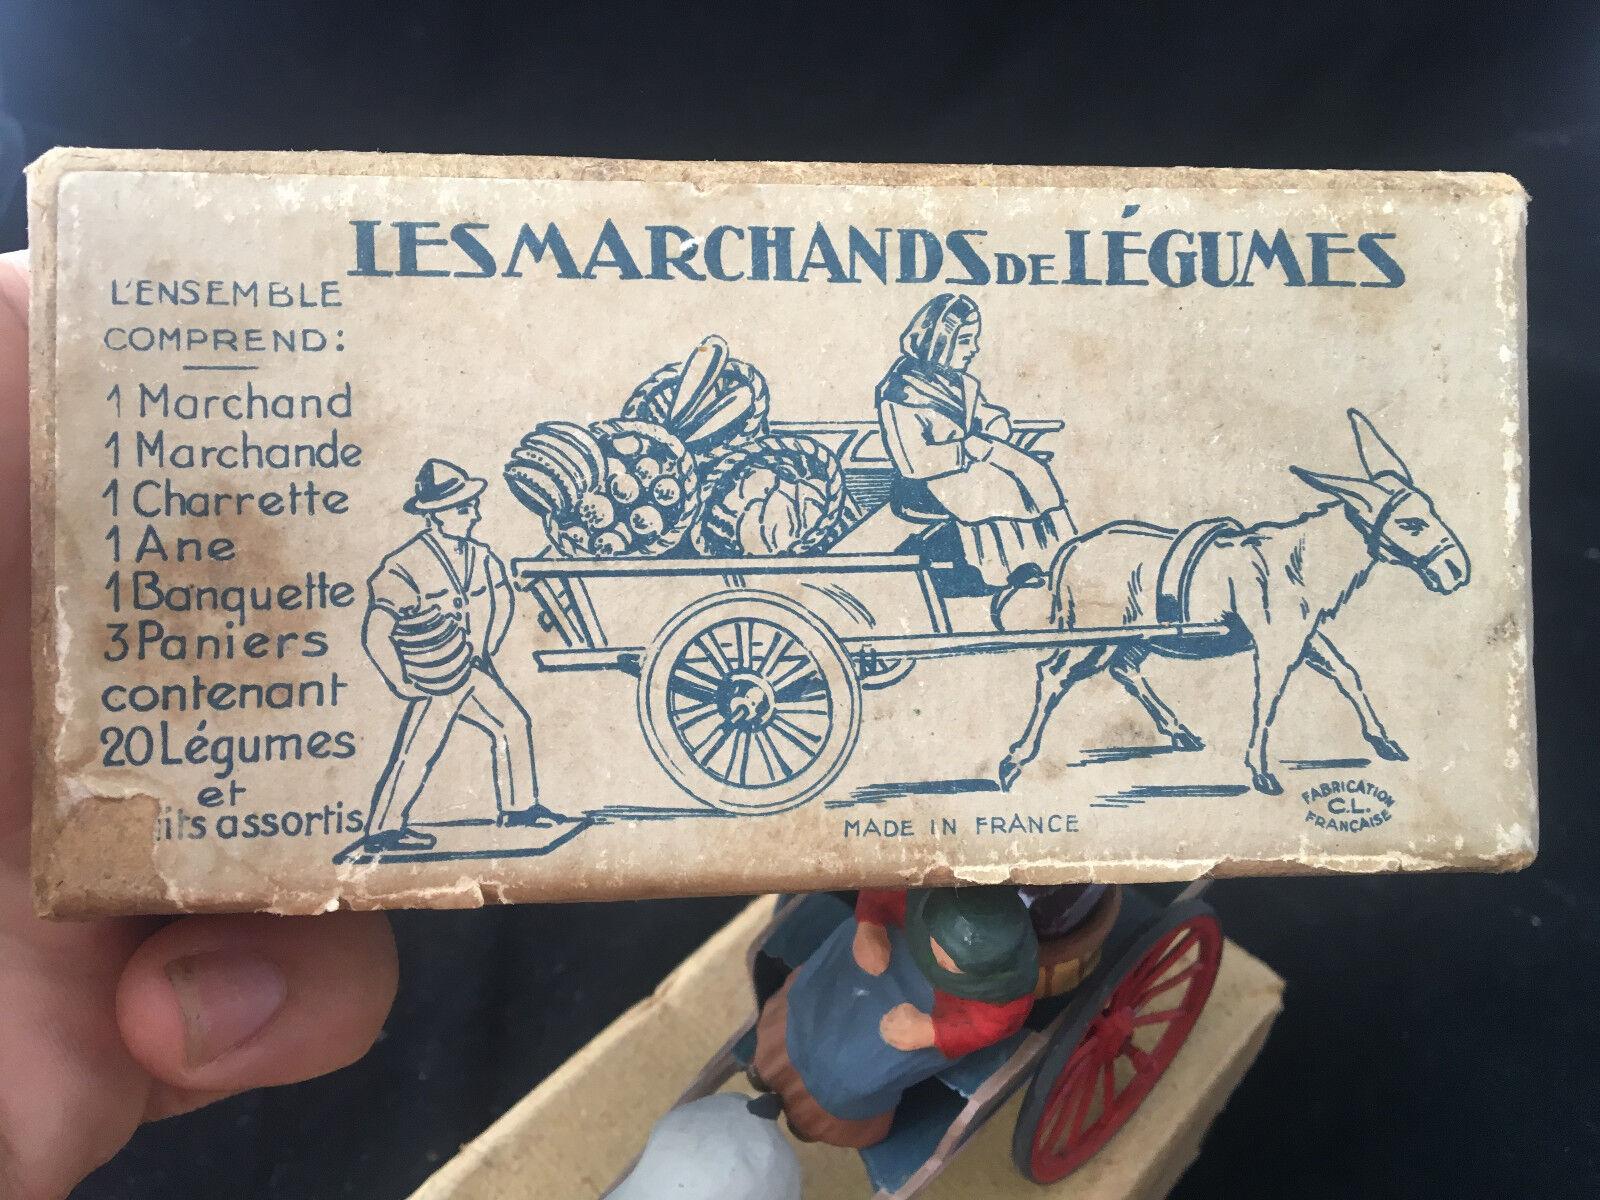 Achats de Noël La Marchande de Légumes CL FRANCE boîte Attelage en boîte FRANCE d'origine 7ffe1b